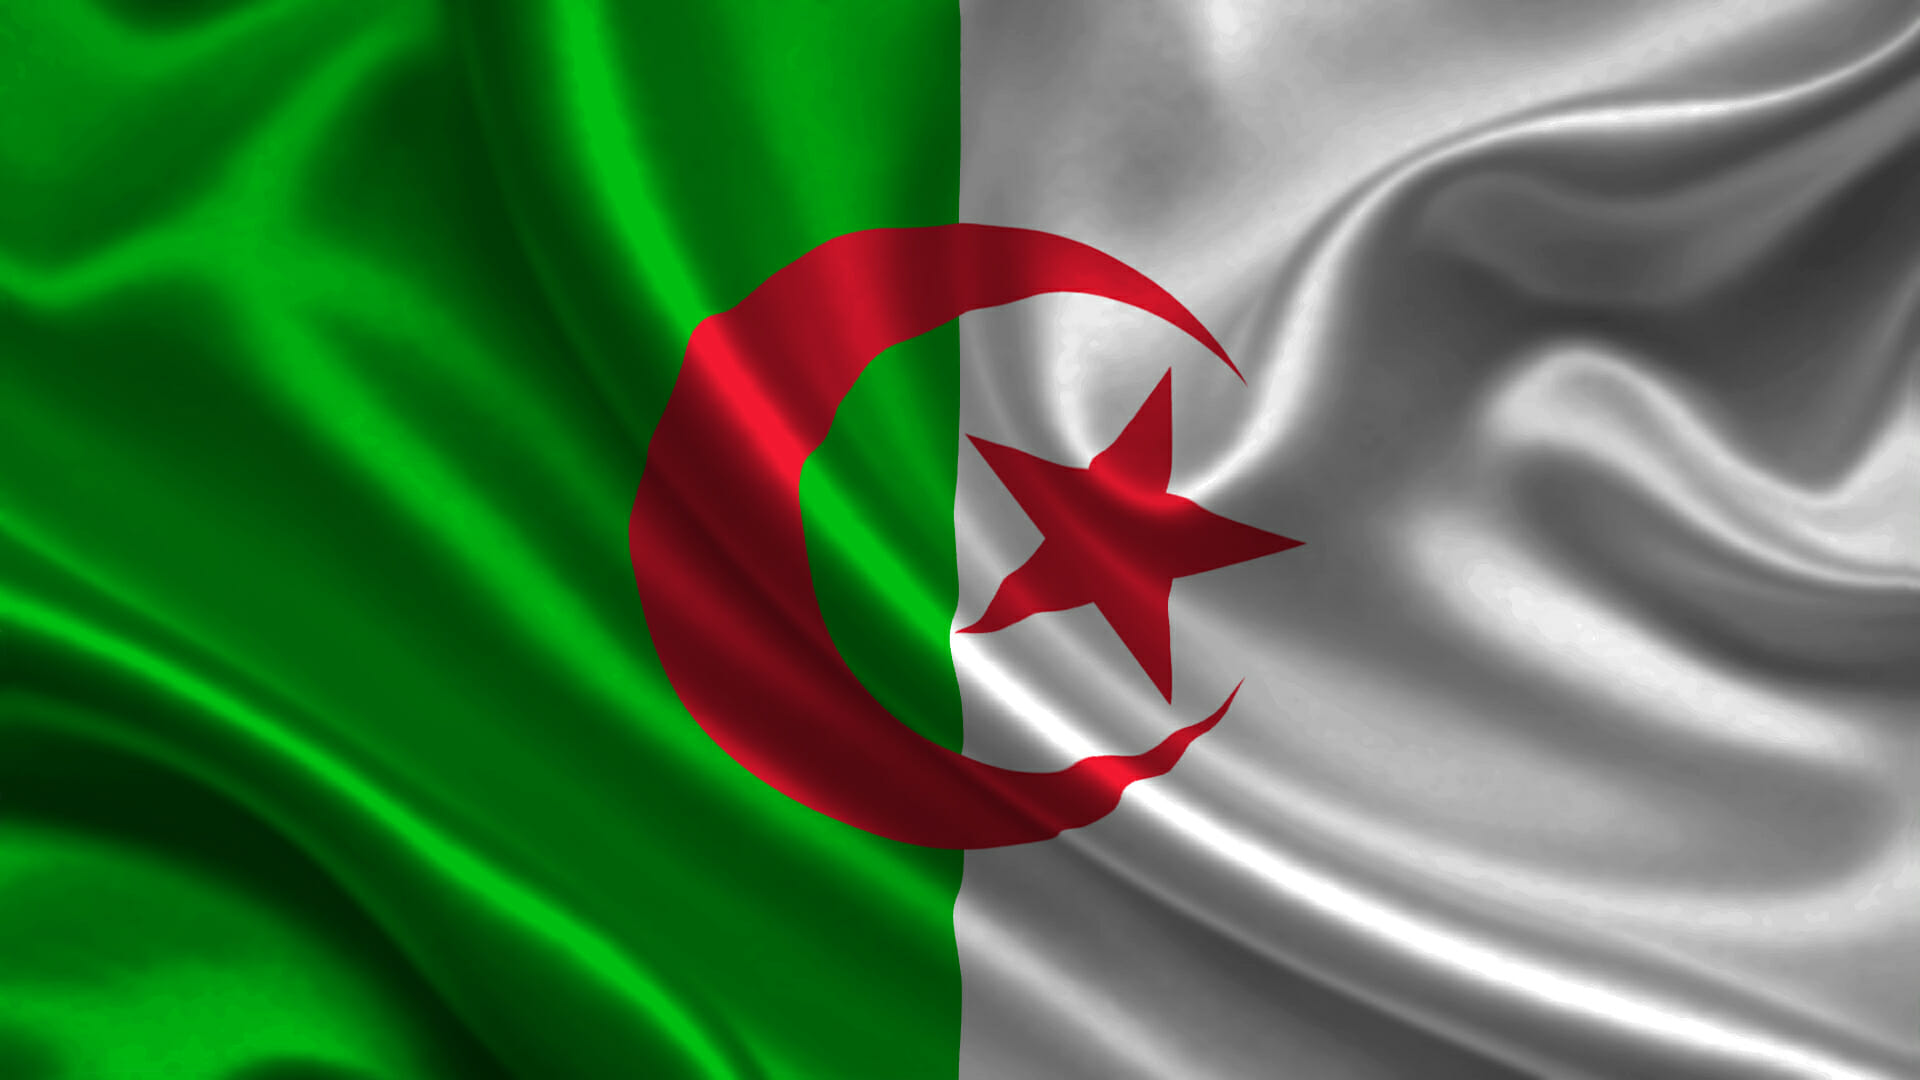 صور علم الجزائر